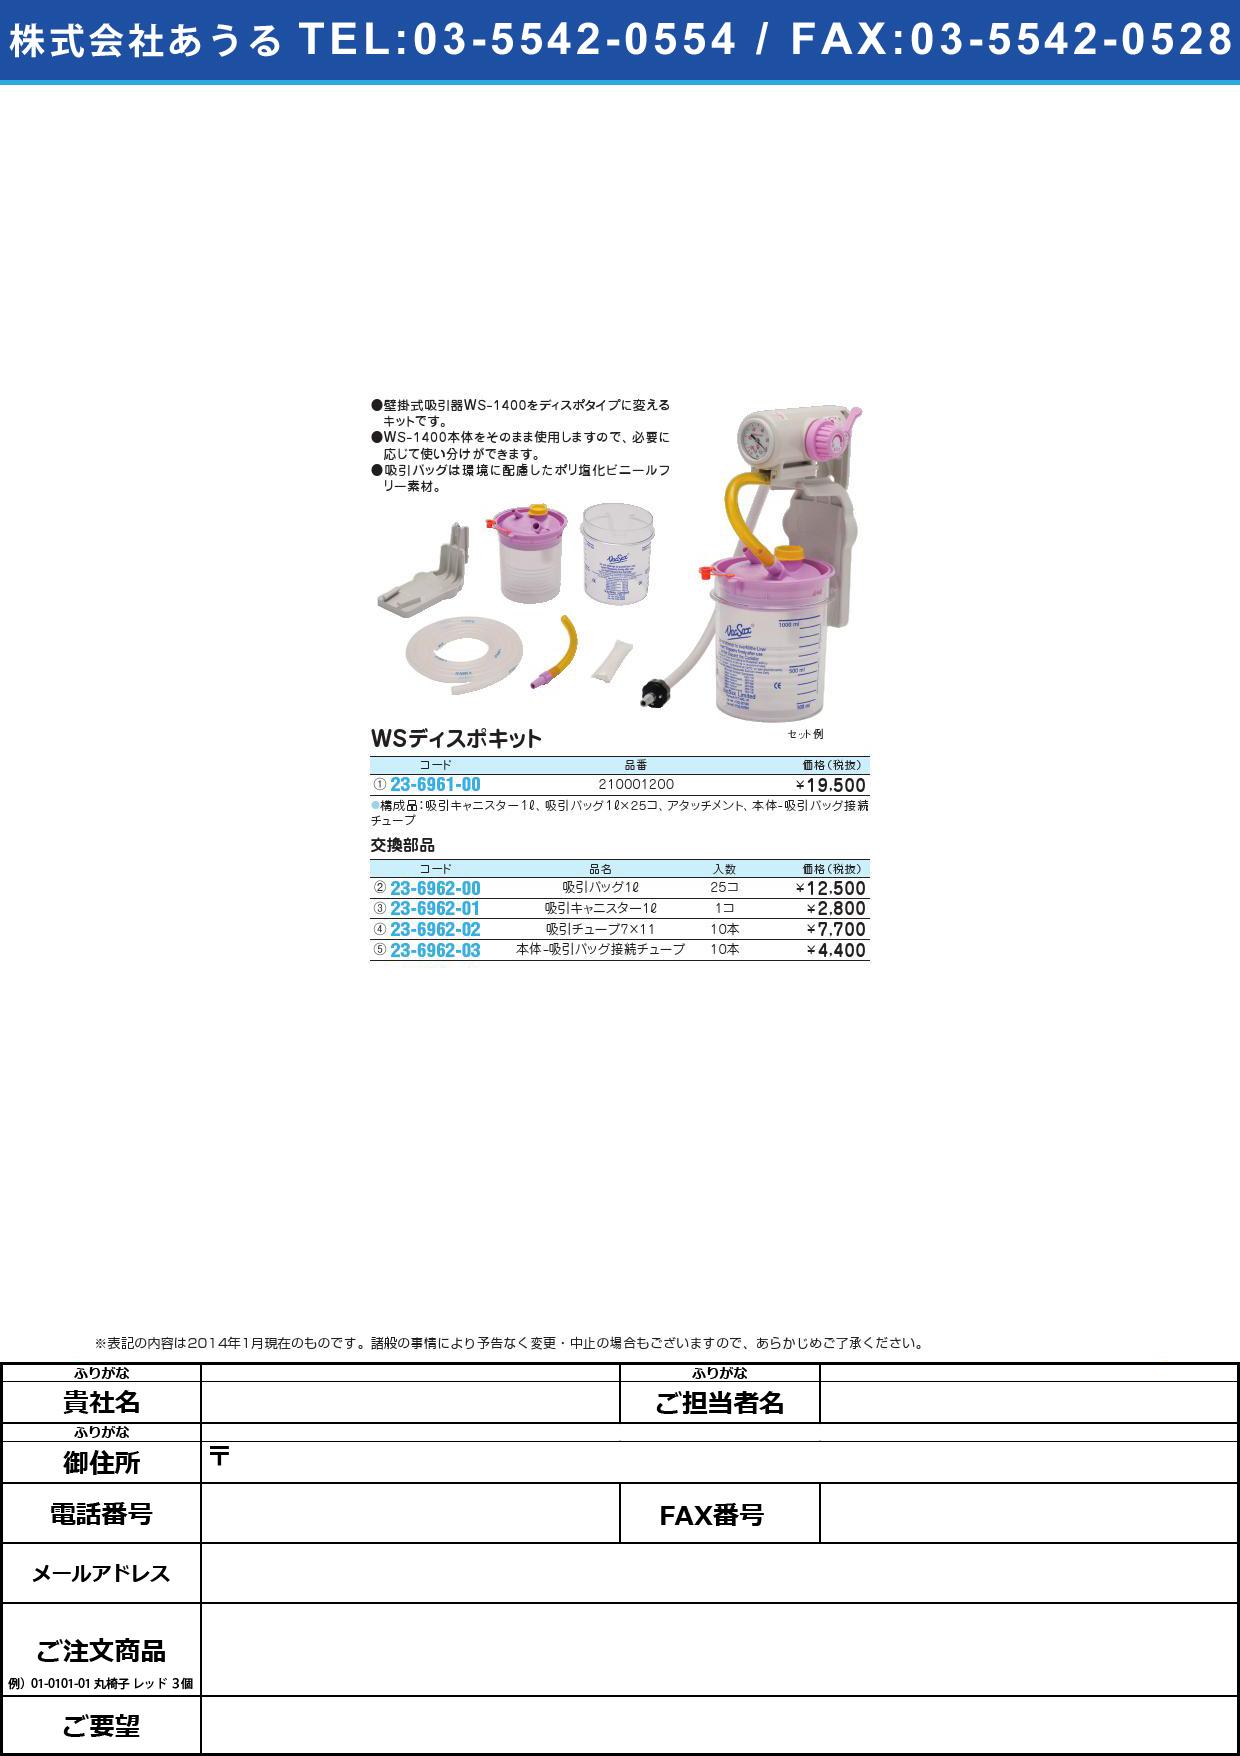 吸引バッグ(1L) キュウインバッグ(1L) 200190383(25コイリ)【1箱単位】(23-6962-00)